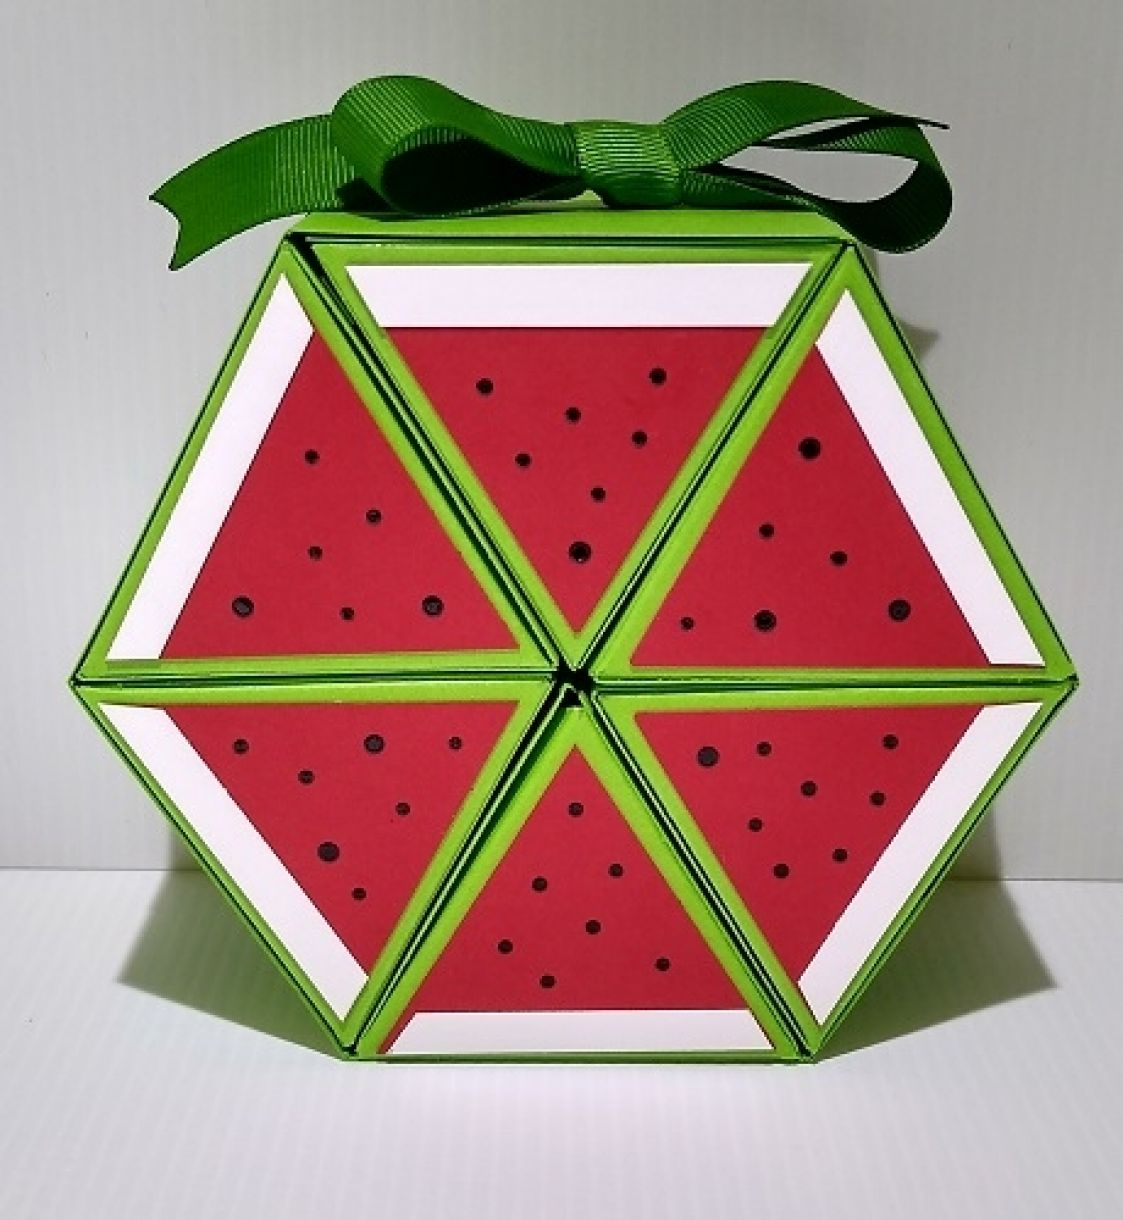 Hexagonal Roll Up Watermelon Gift Box 1